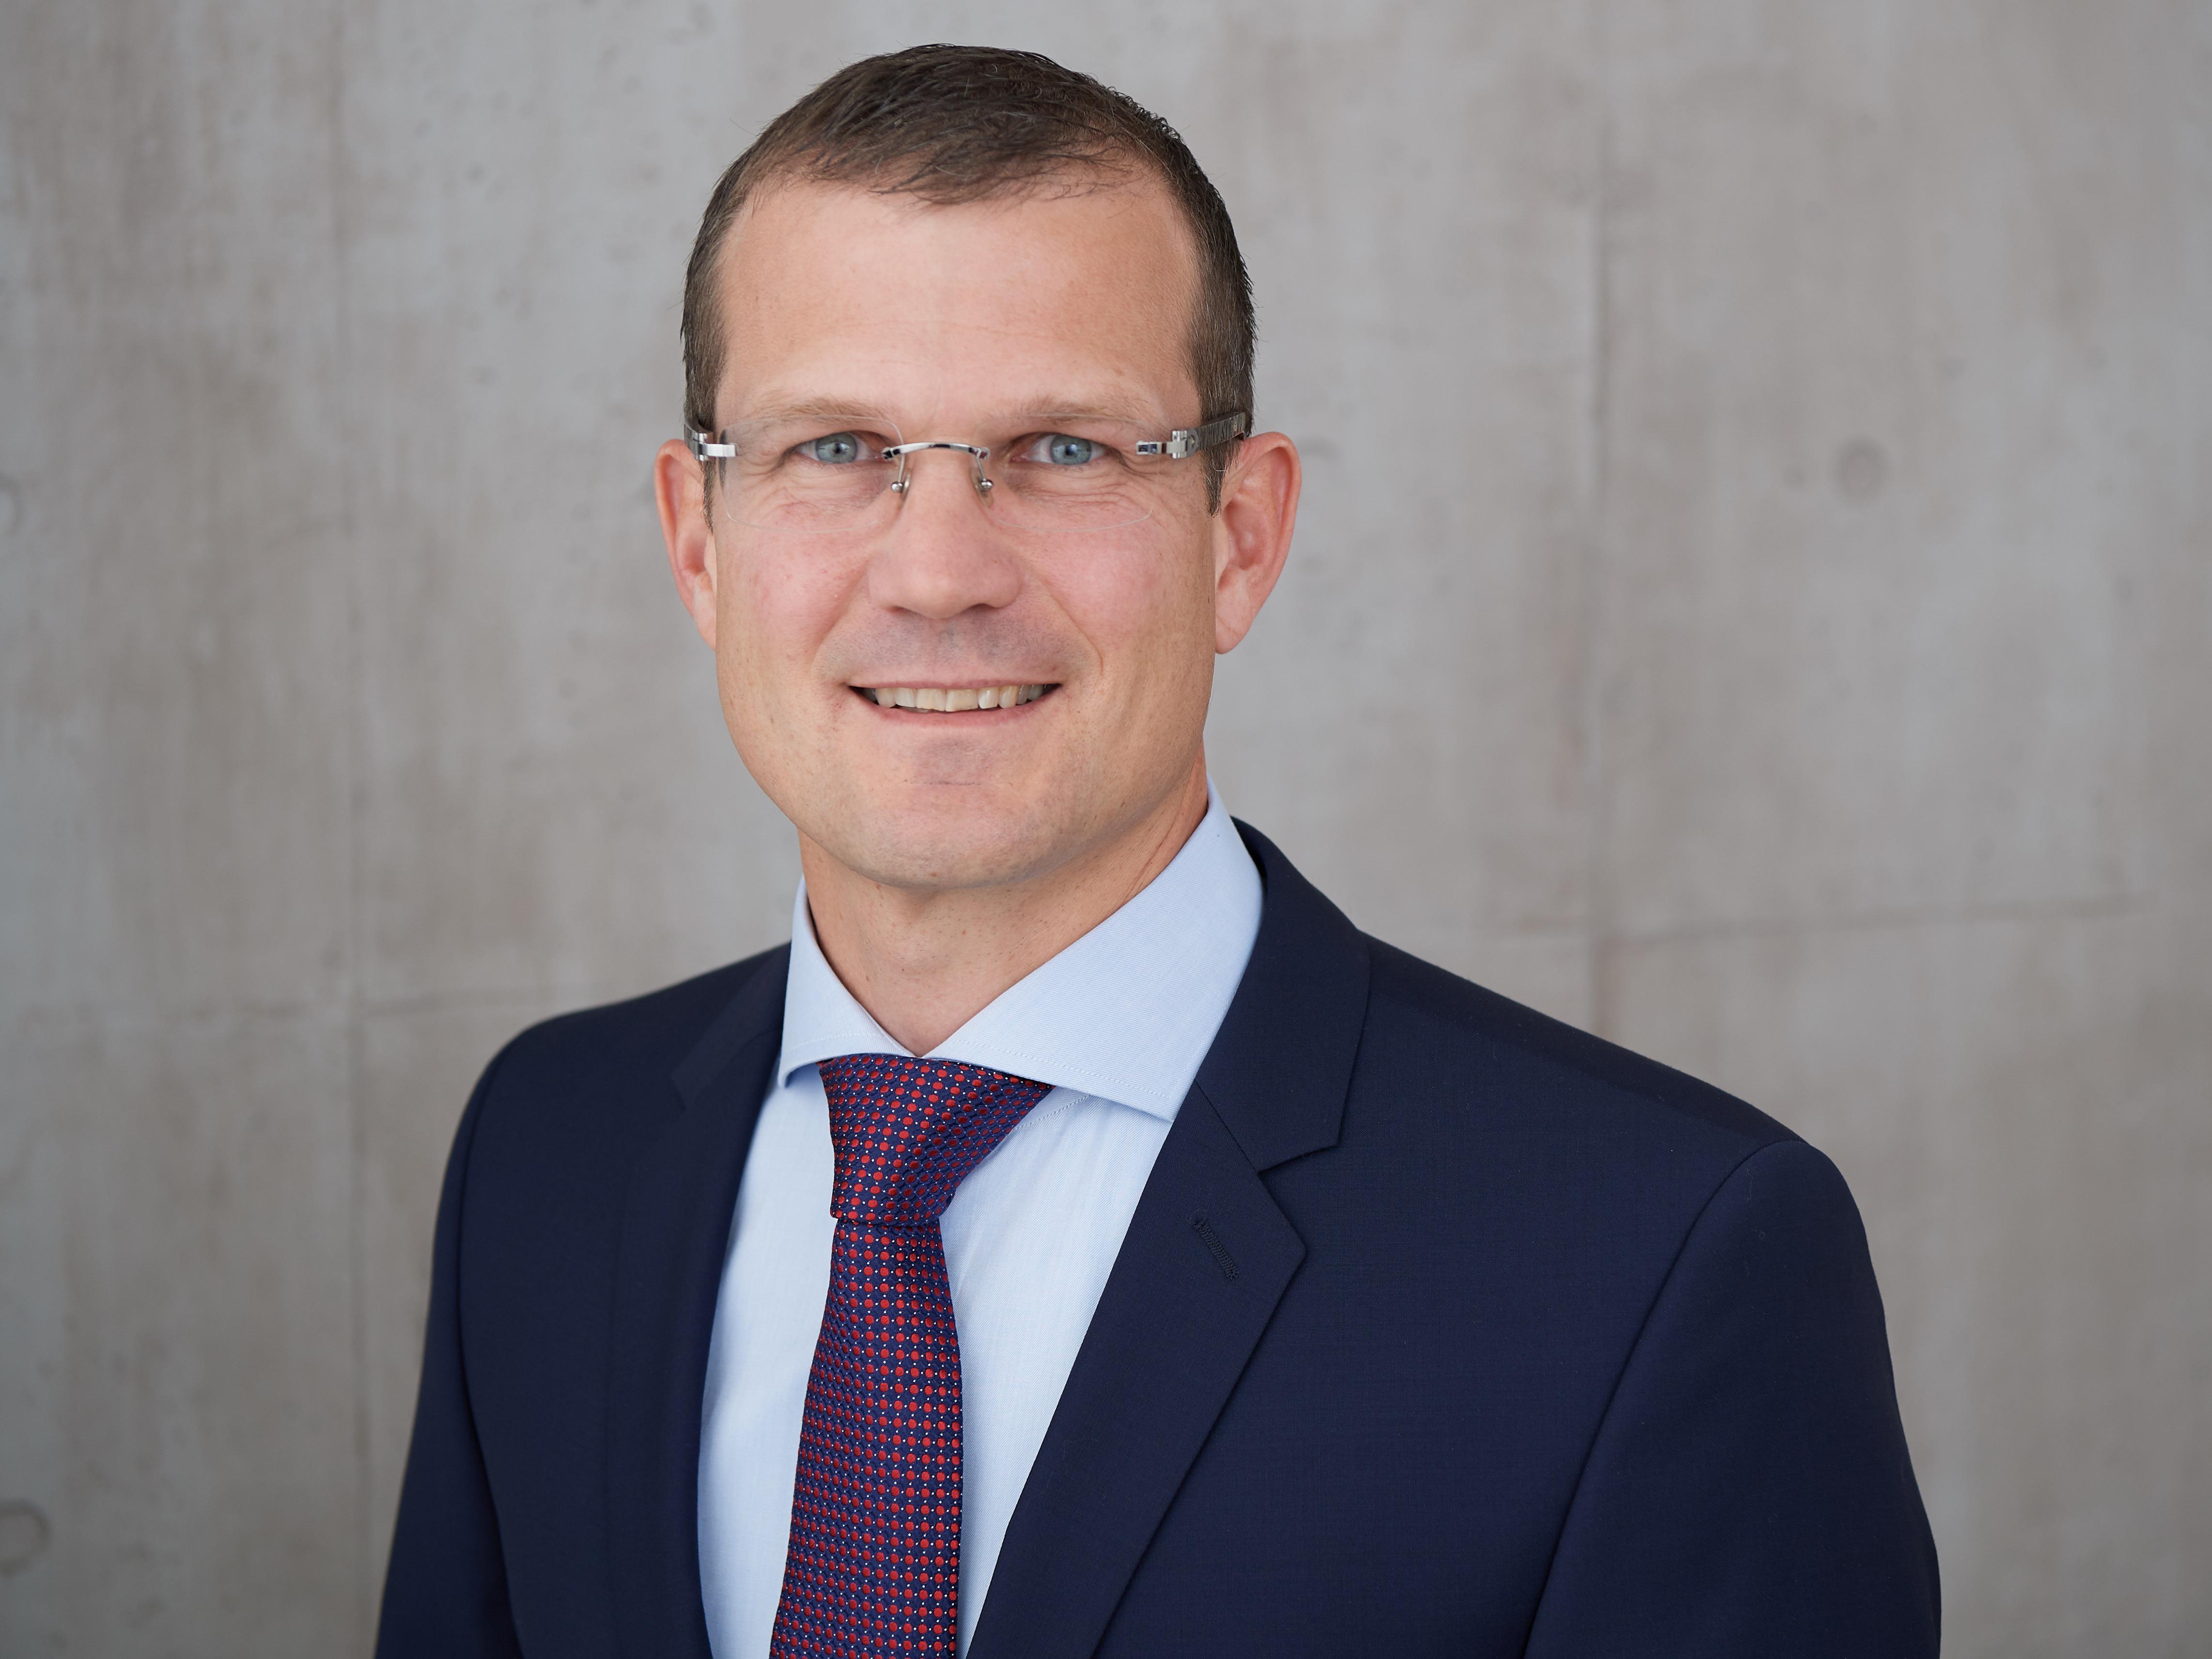 Markus Lübbers